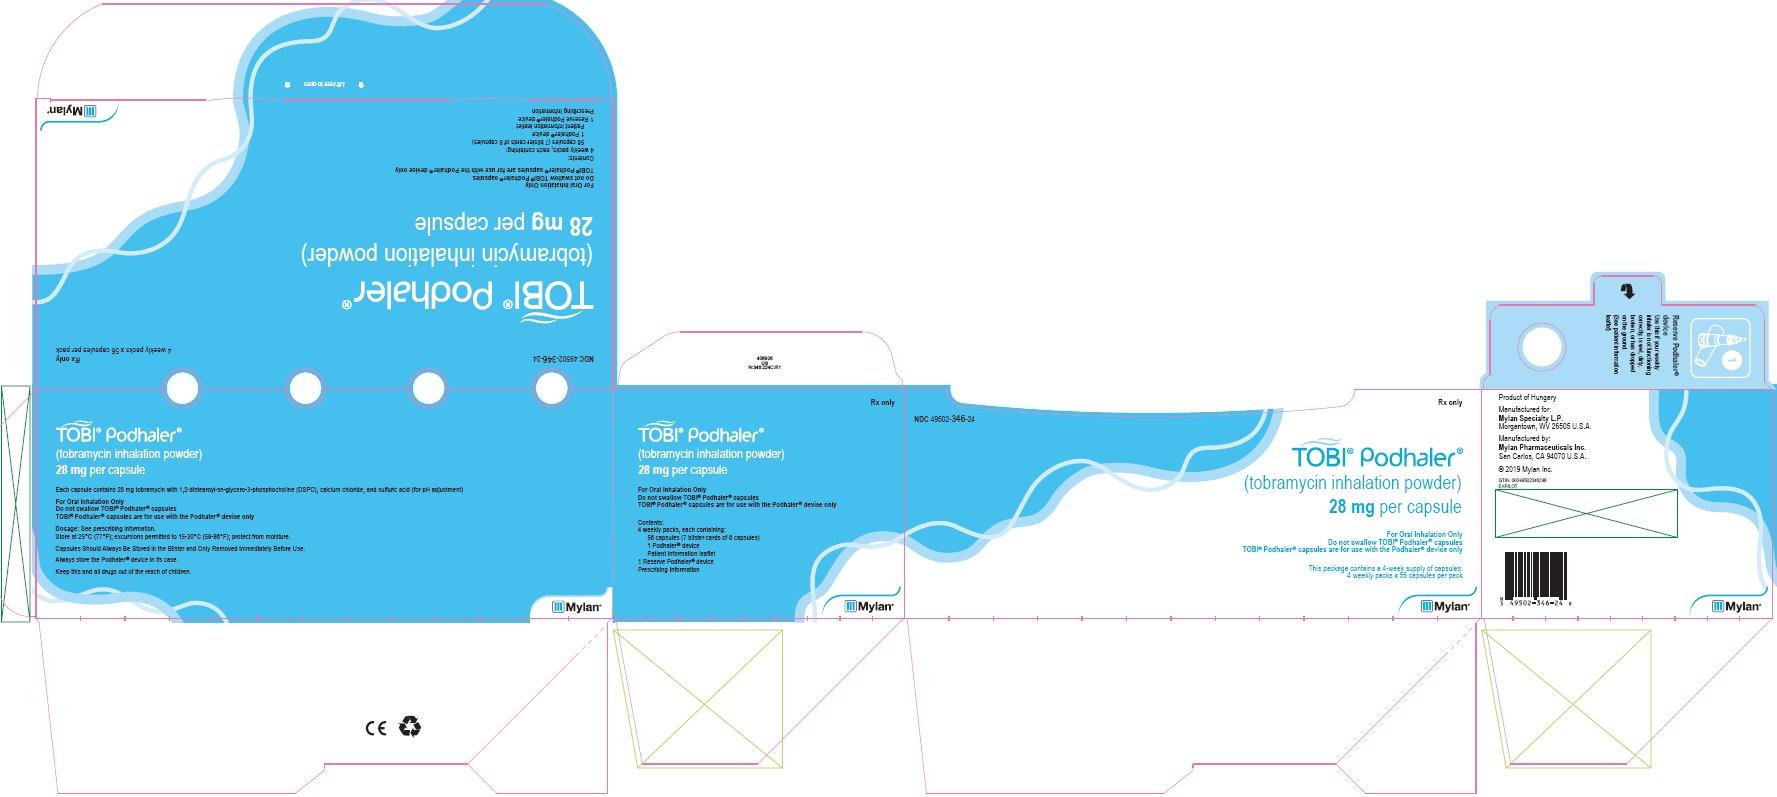 Tobi Podhaler 28 mg Carton Label